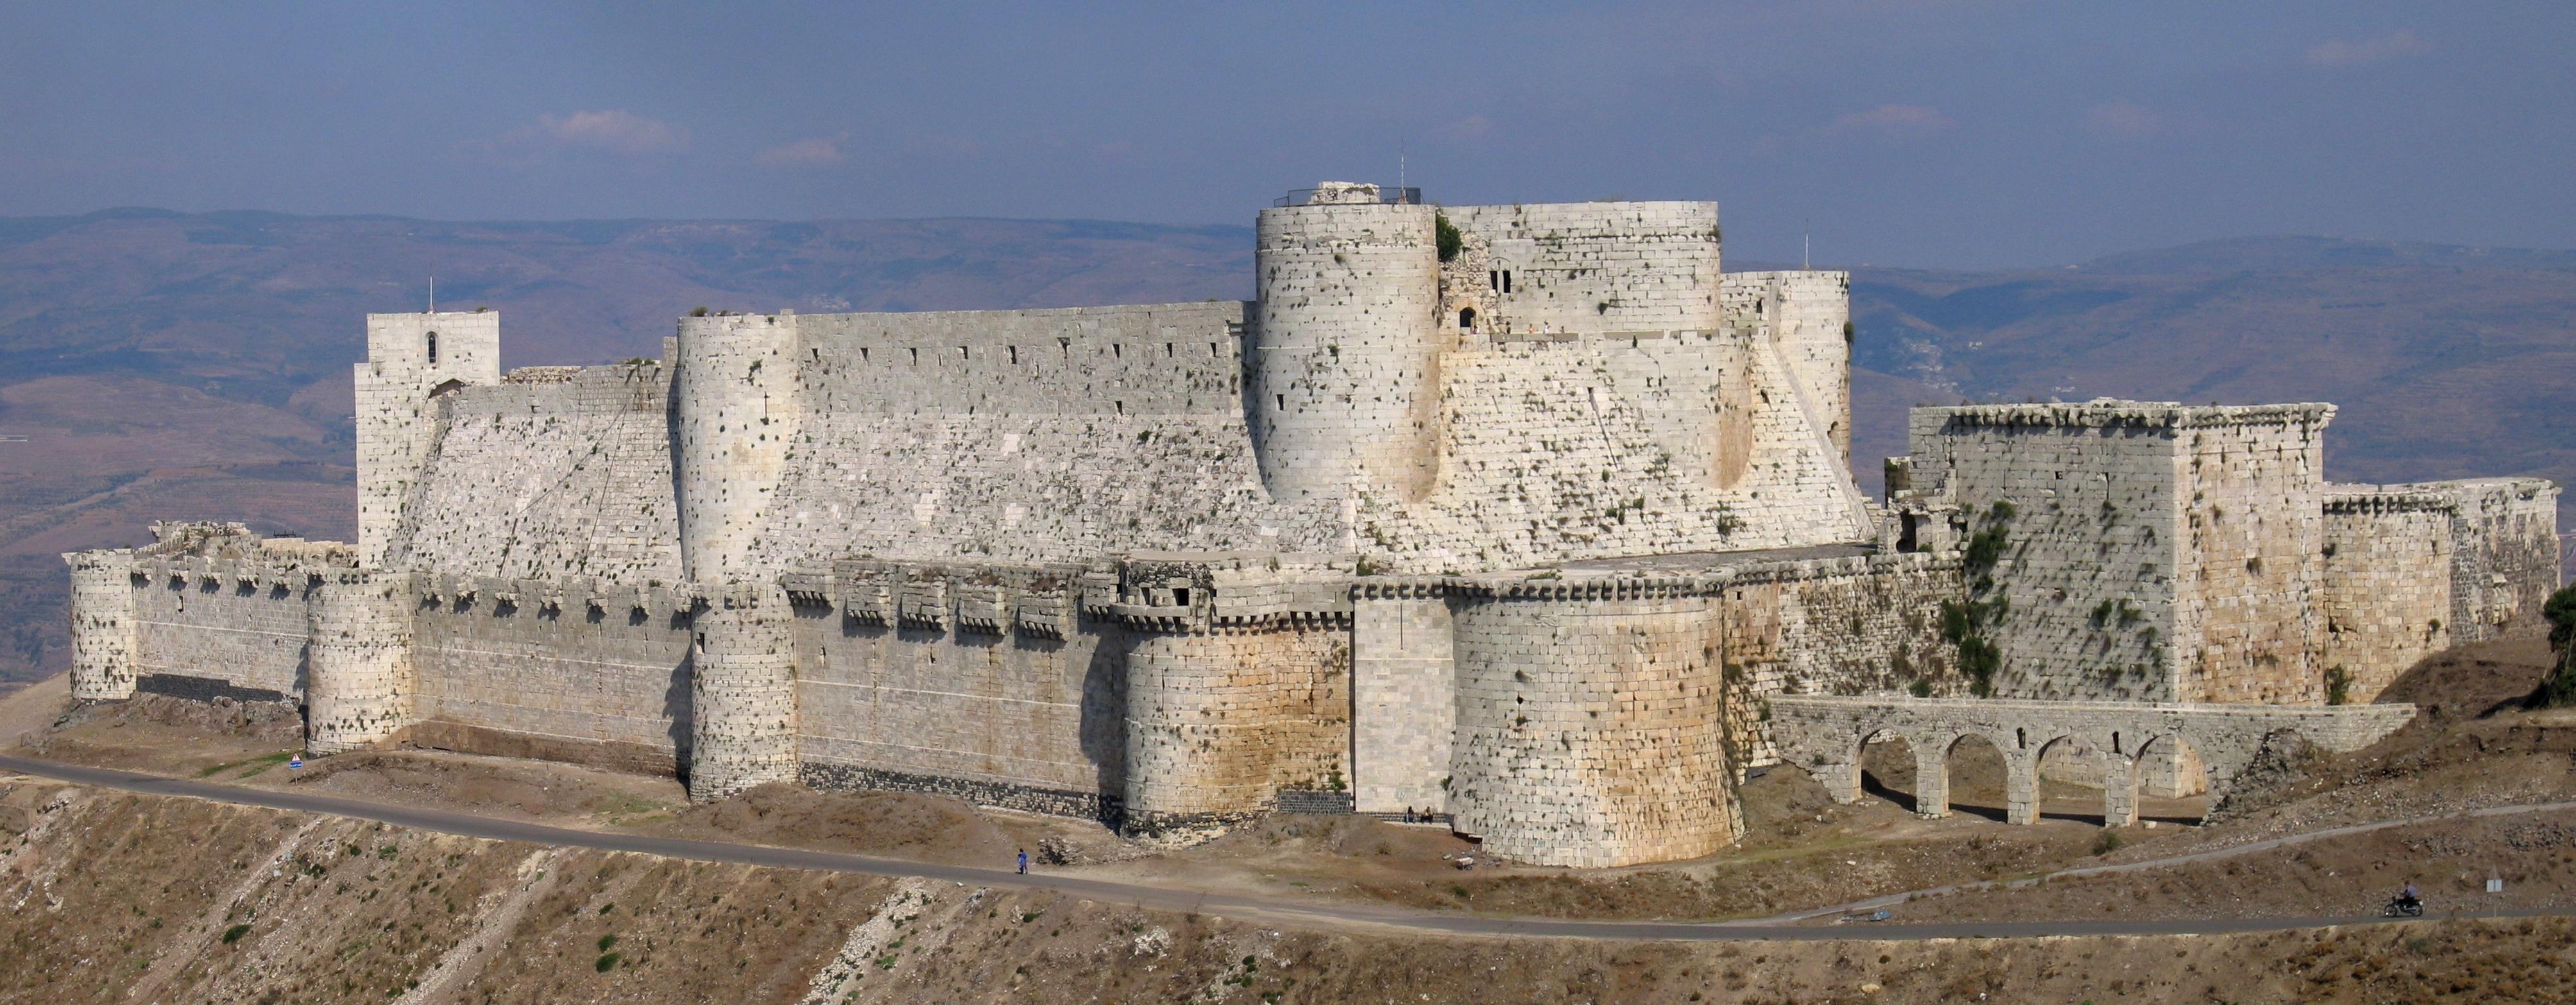 Krak des Chevaliers in Syria.